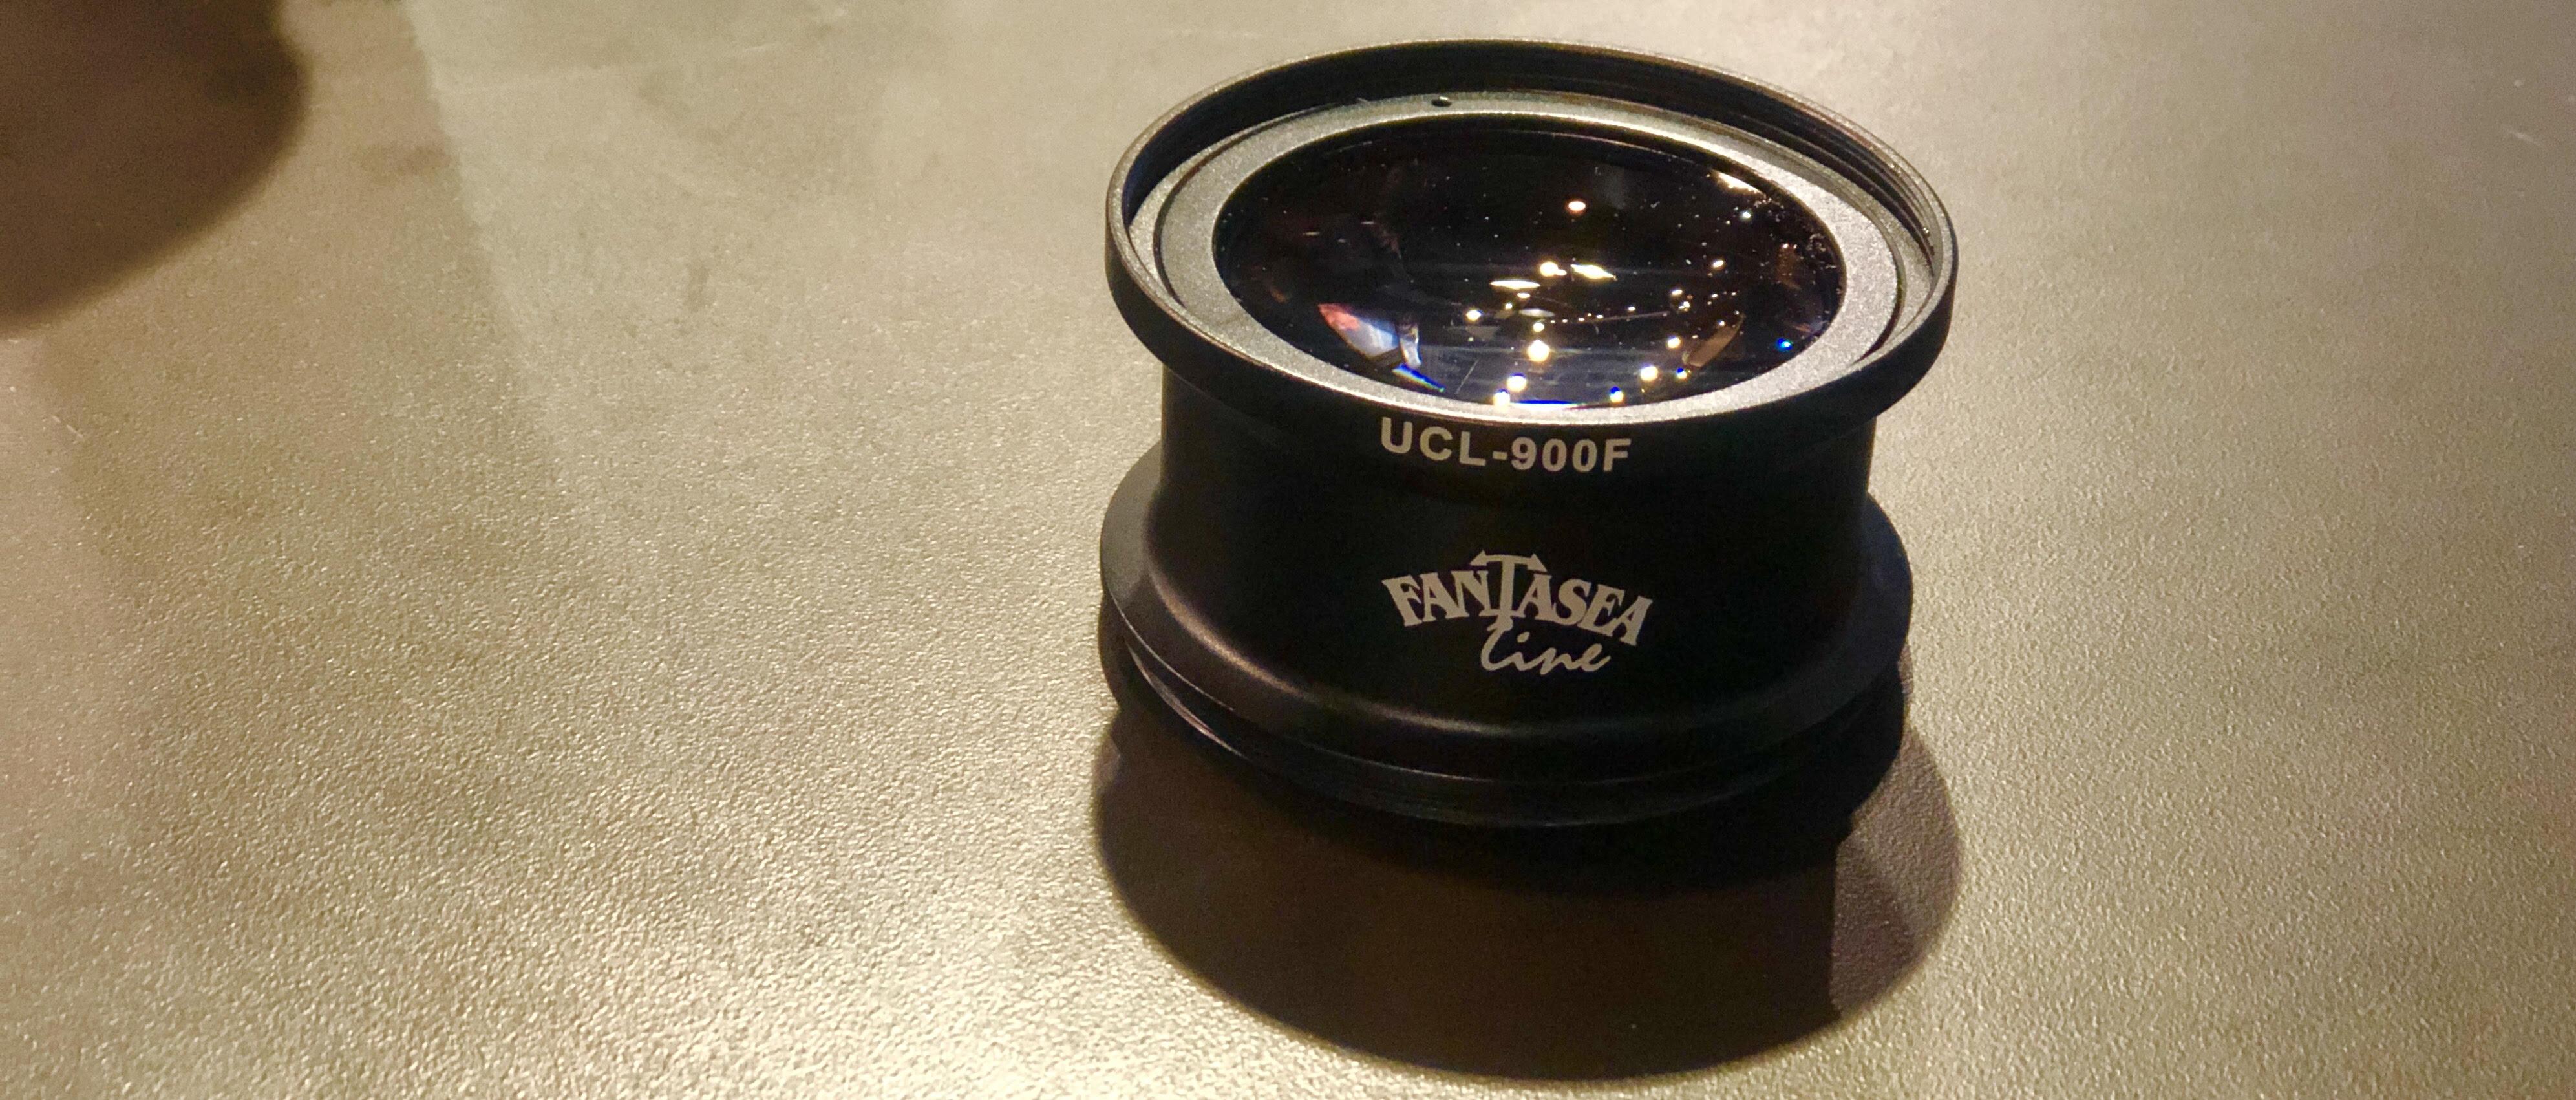 Fantasea UCL 900F macro lens